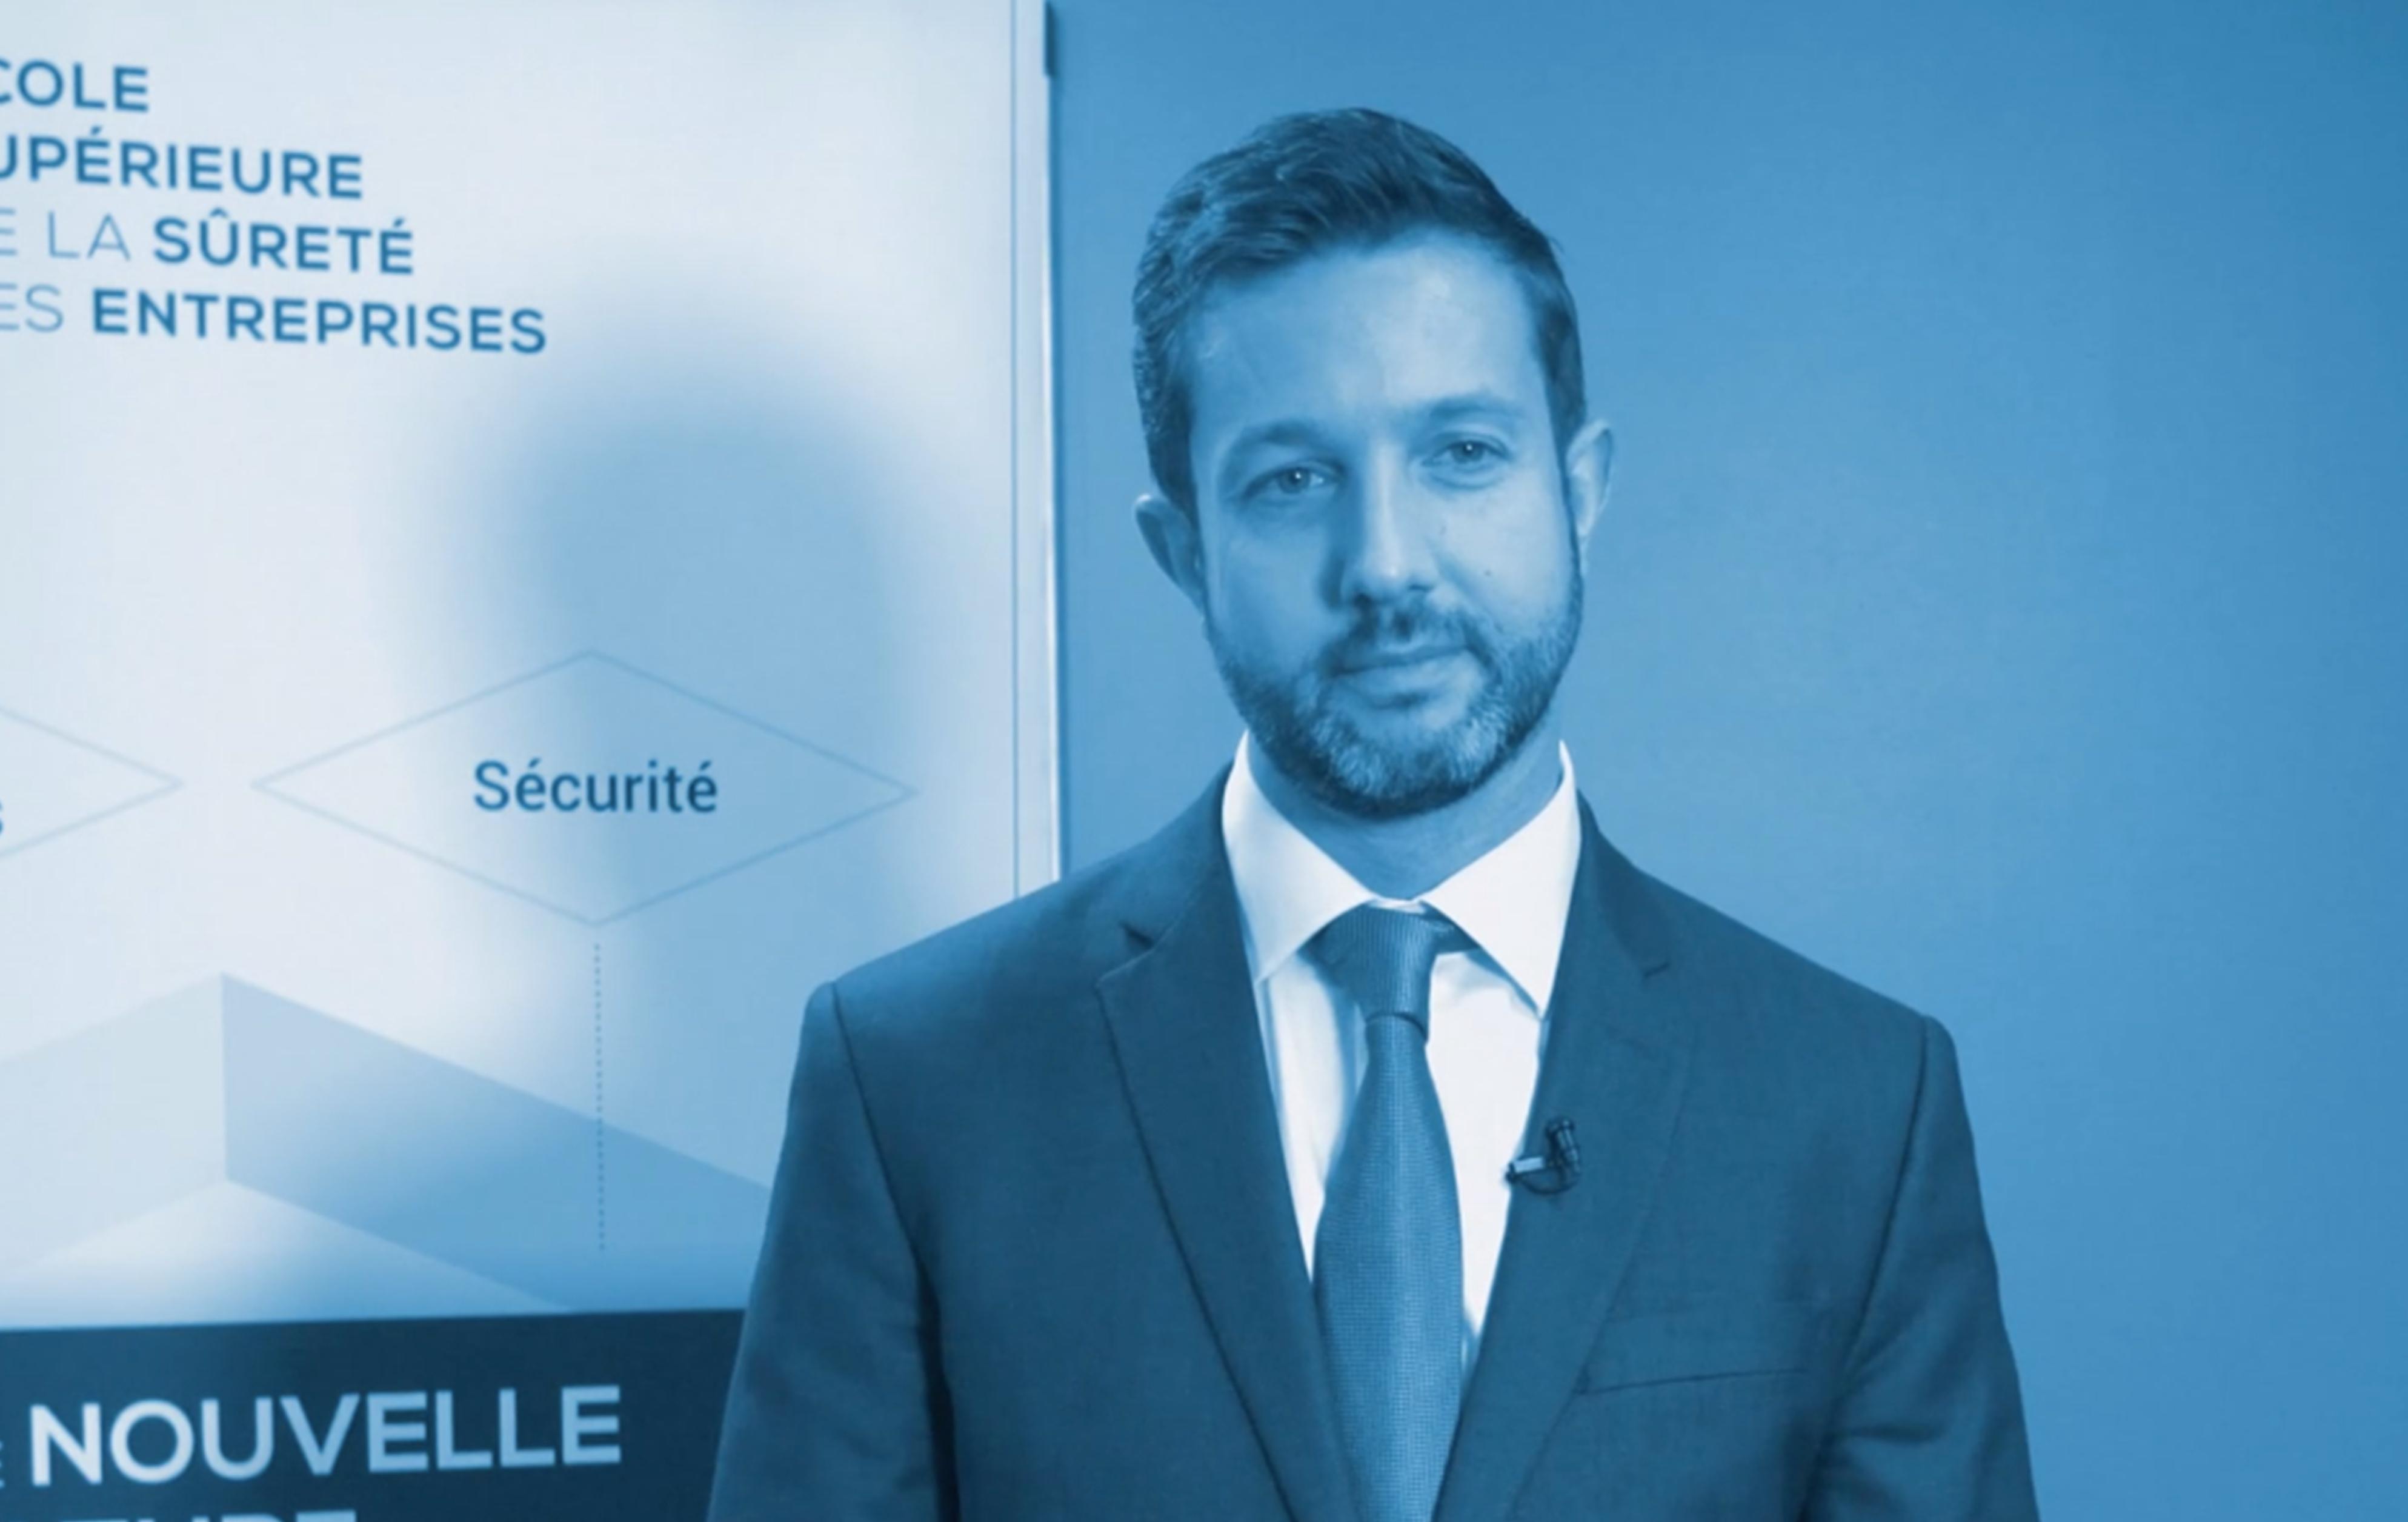 Portrait de Maxence Bizien, Agence de lutte contre la fraude à l'assurance directeur de